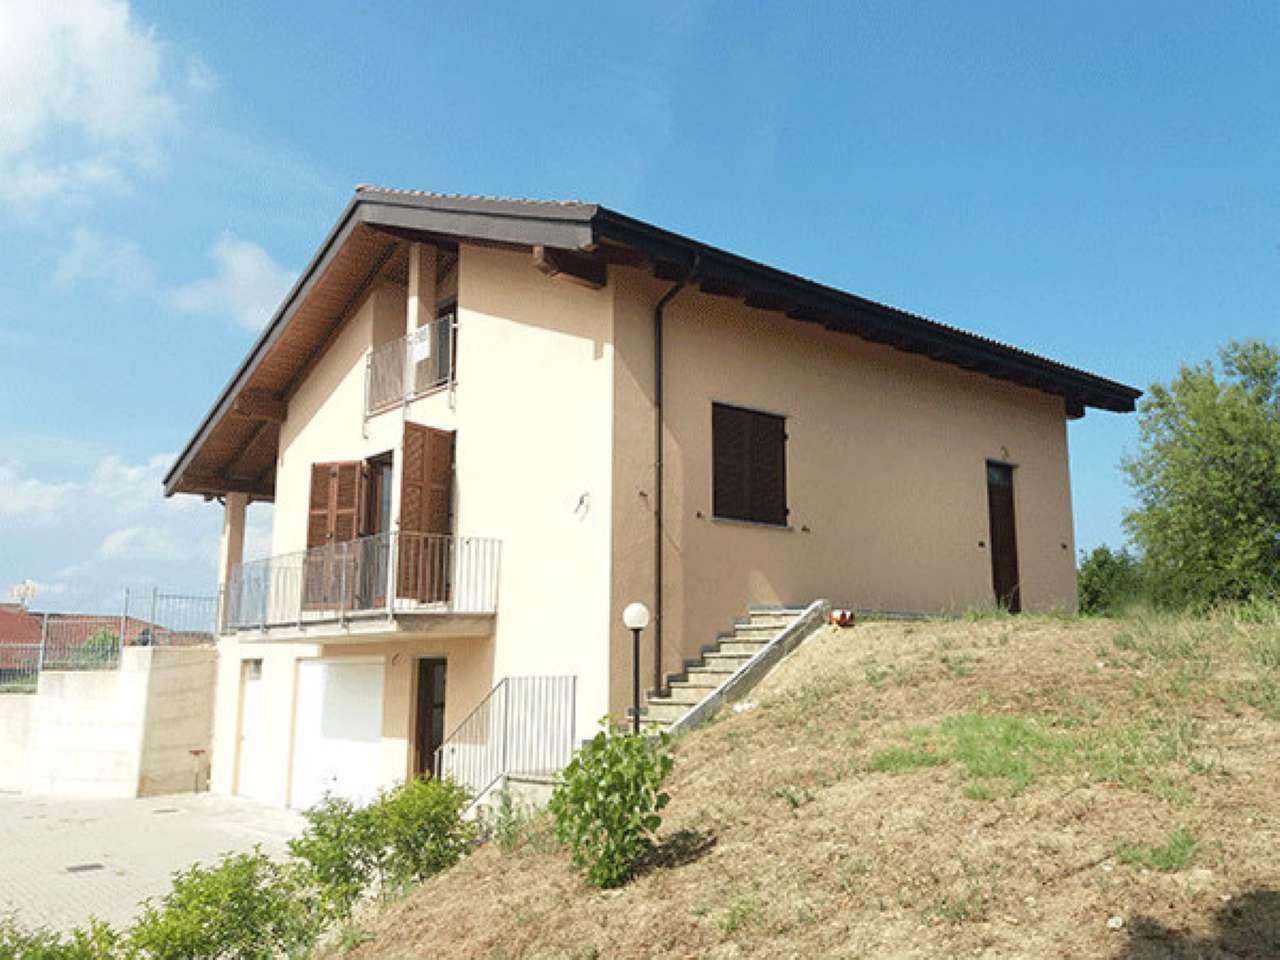 Soluzione Indipendente in vendita a Cremolino, 5 locali, prezzo € 350.000 | CambioCasa.it